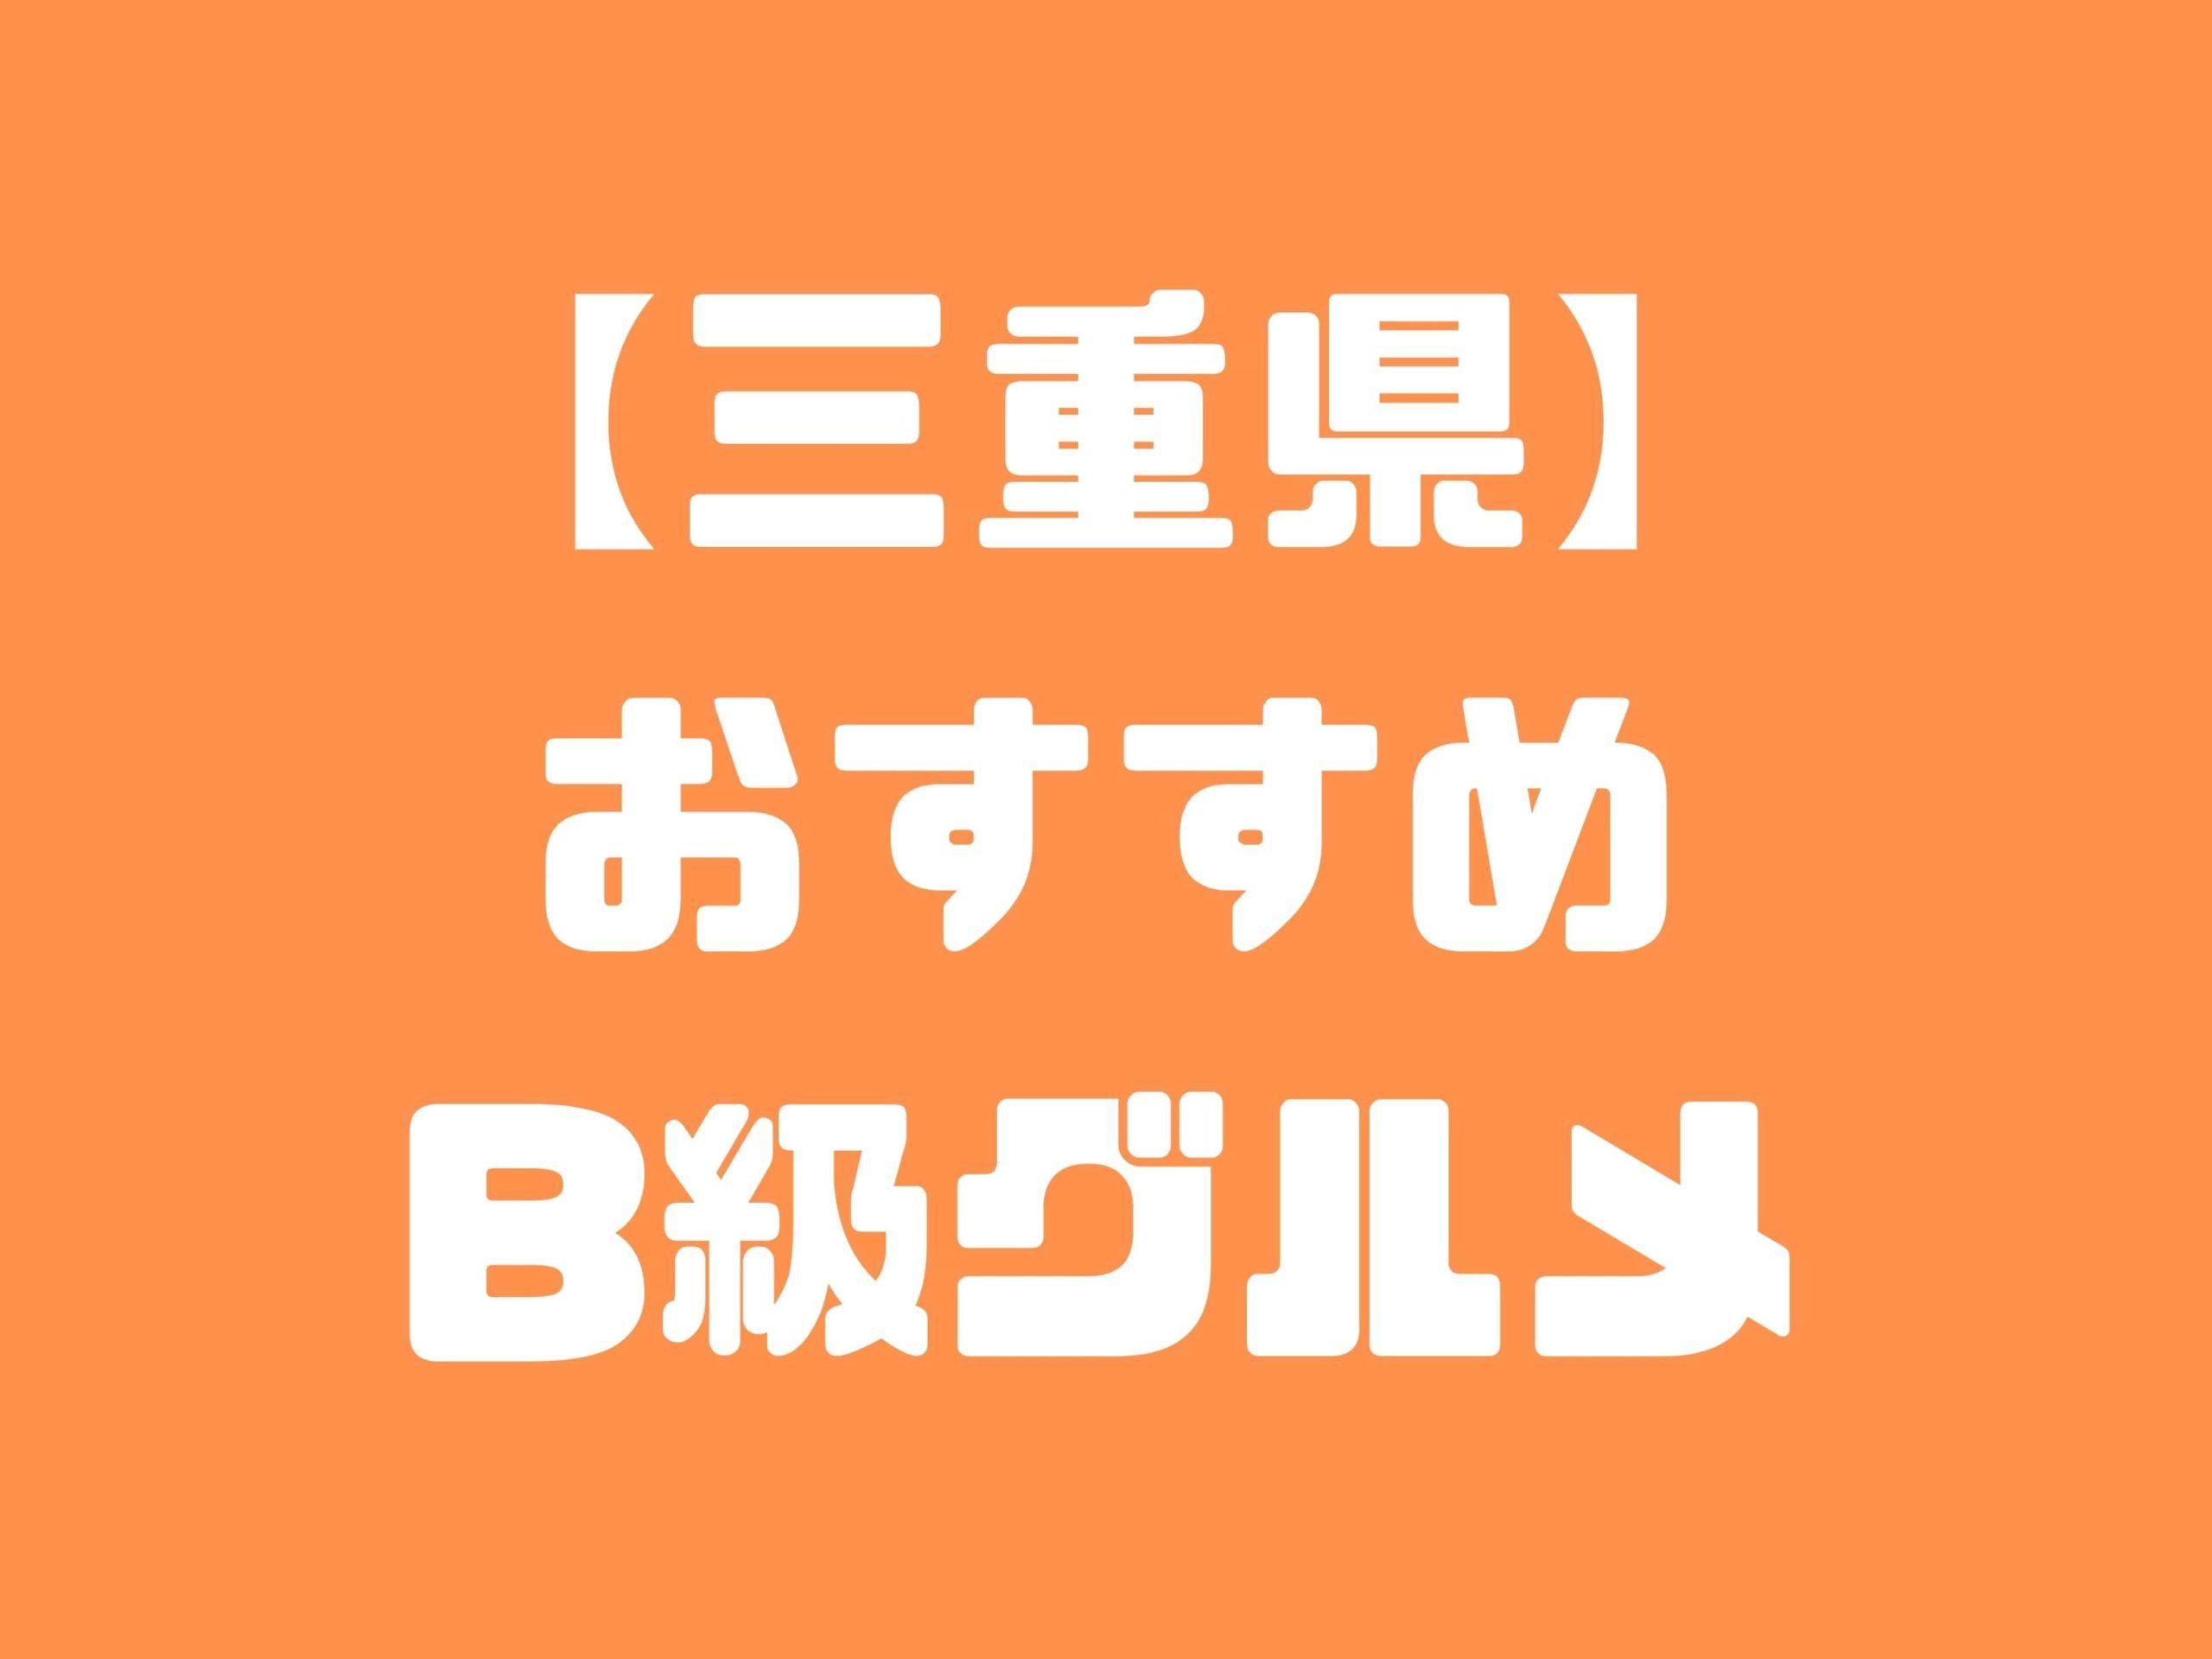 【三重県版】秘密のケンミンSHOWまとめ